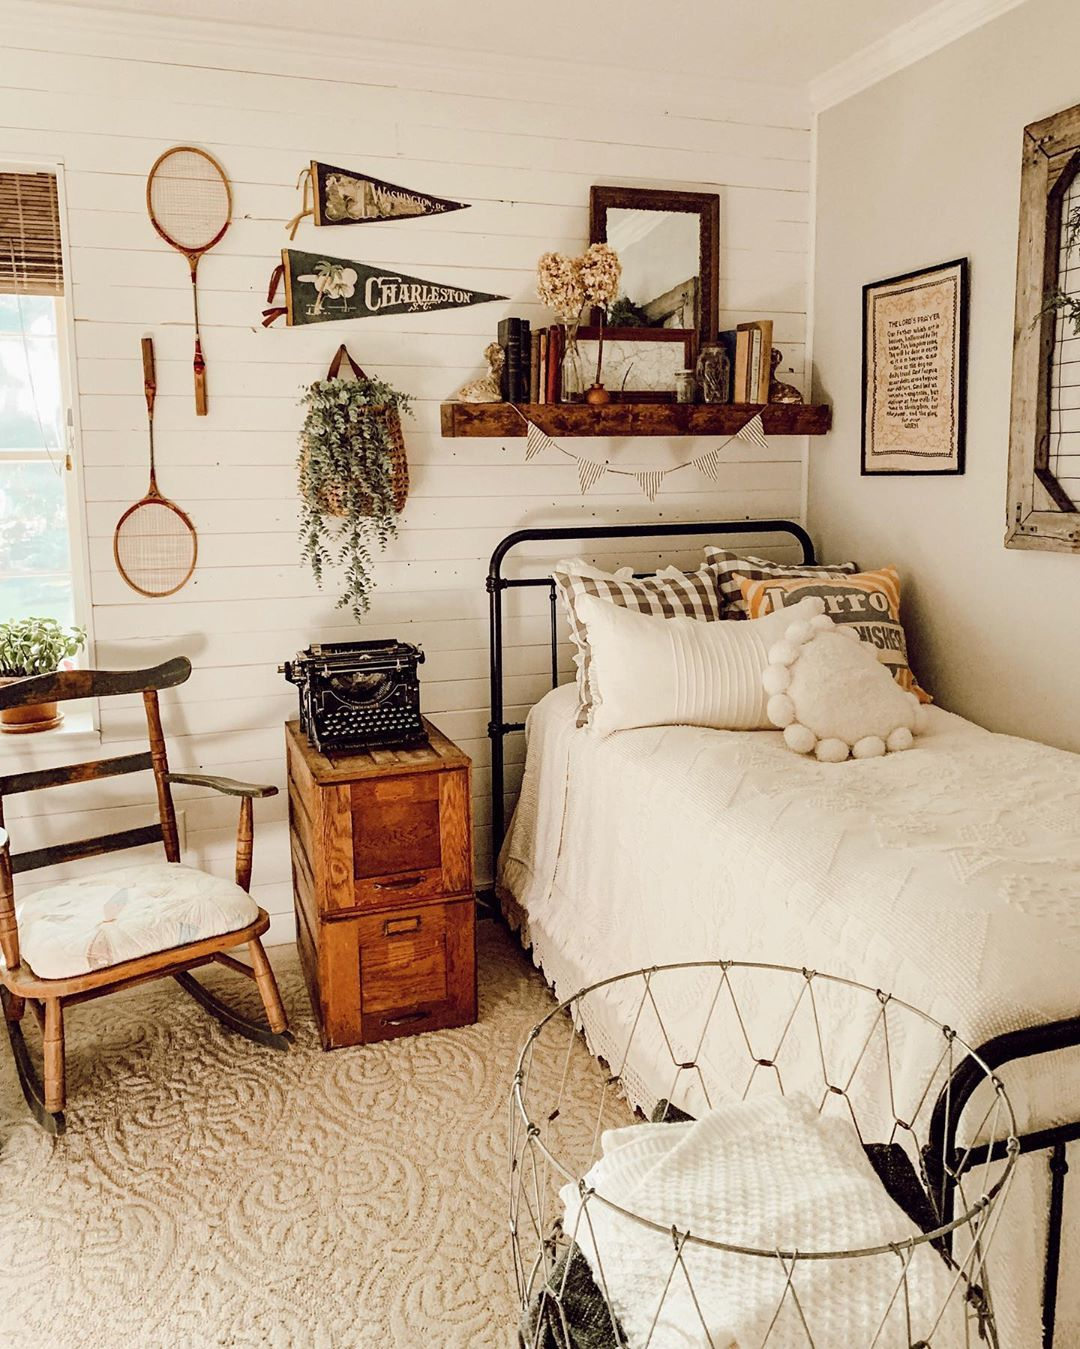 Farmhouse Bedroom Cozy Bedroom Guest Bedroom Simple Bedroom Decor Neutral Bedroom Vintage Bedro Western Bedroom Decor Simple Bedroom Decor Simple Bedroom